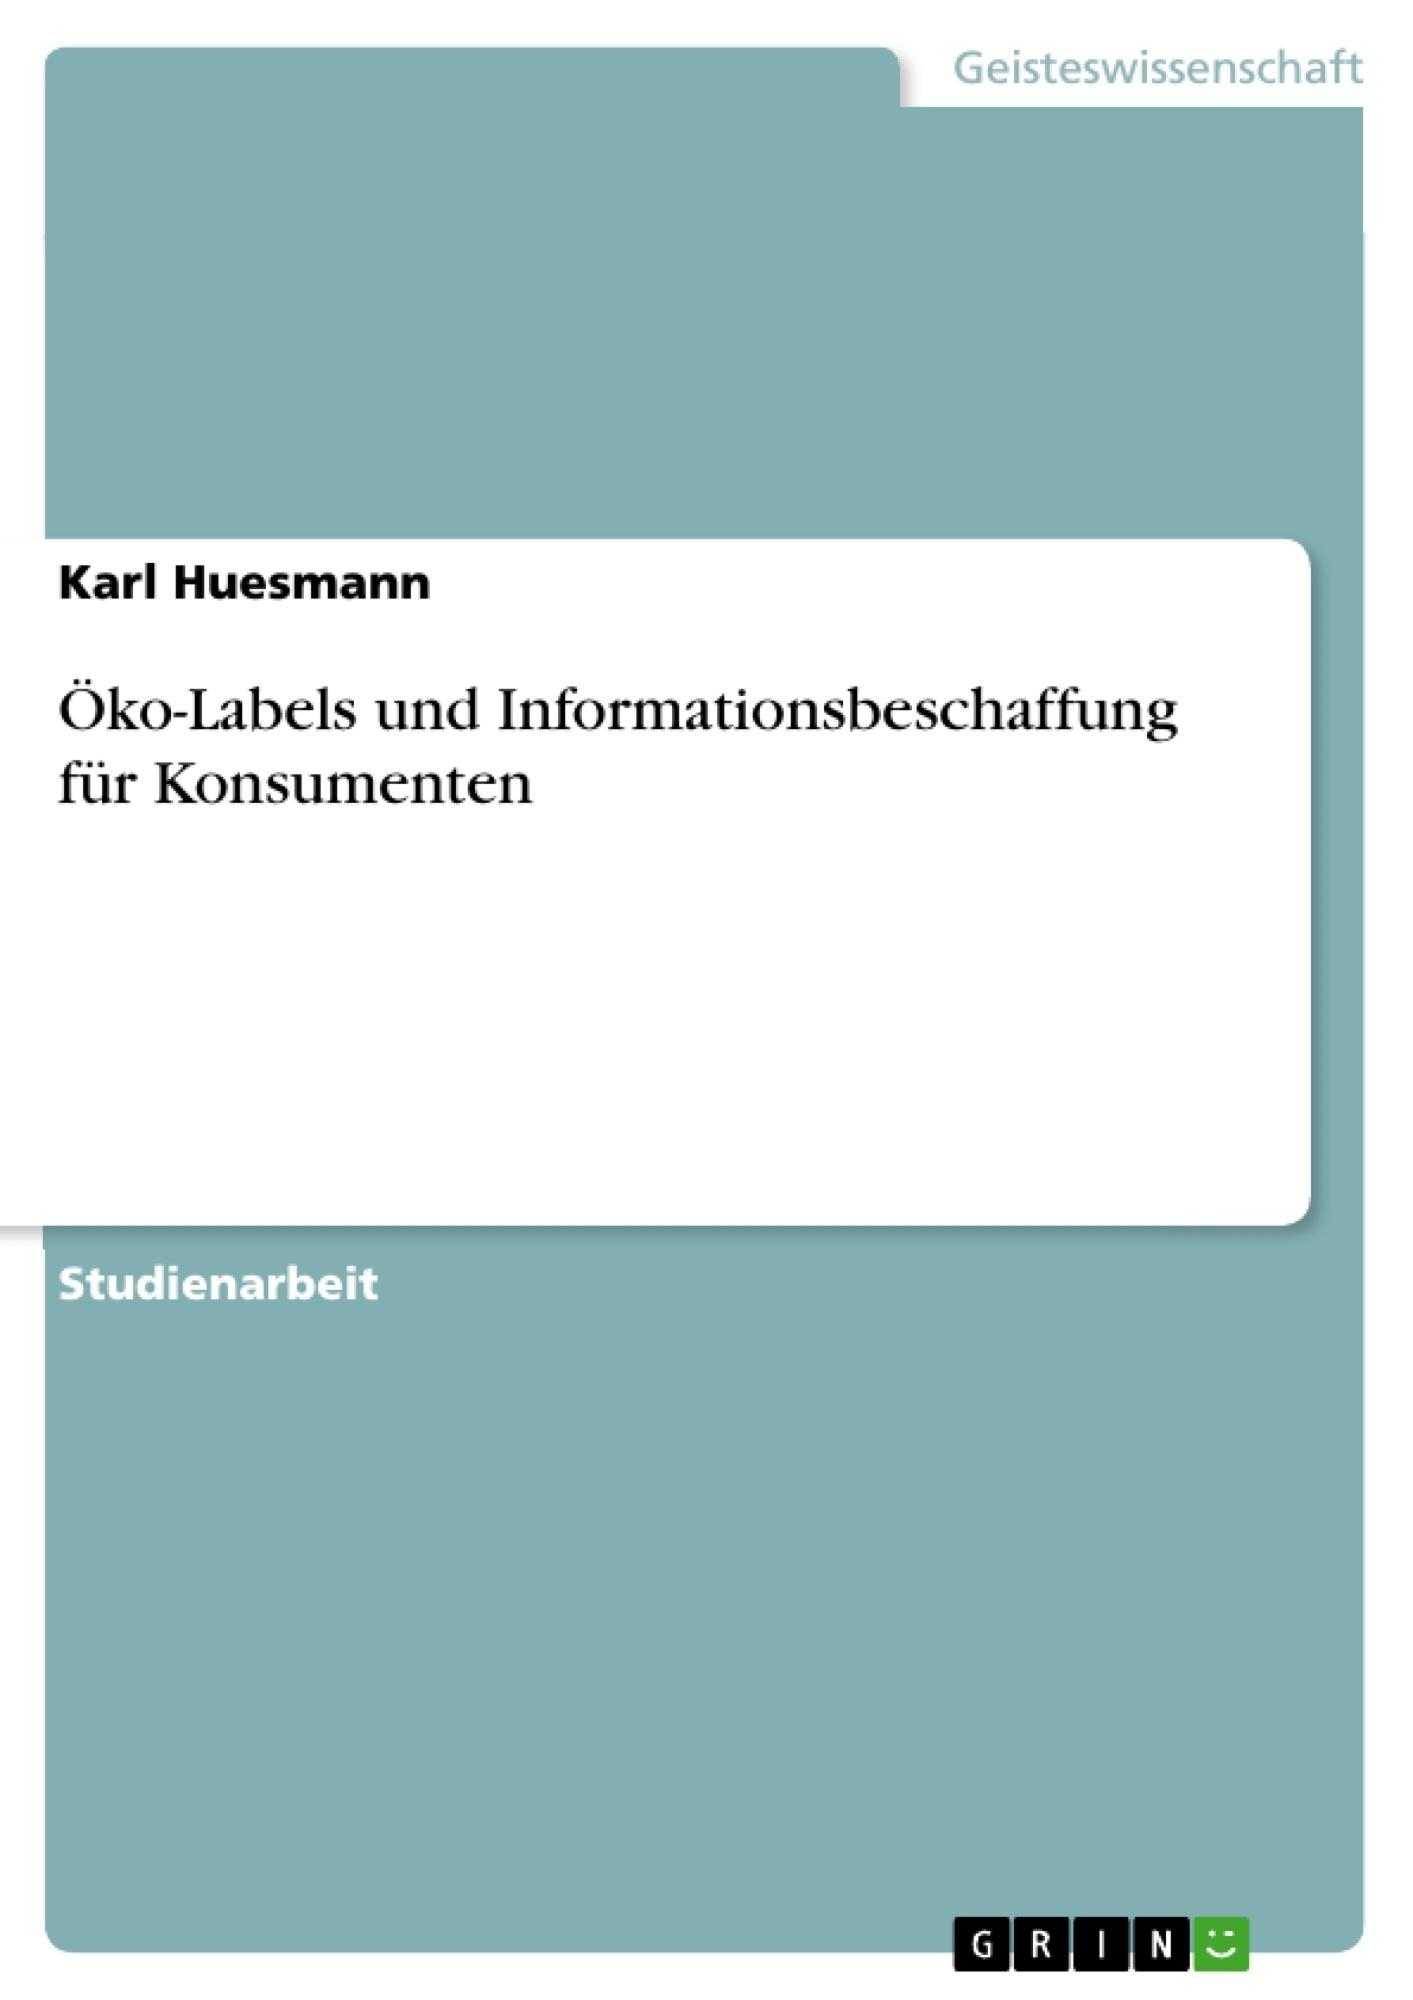 Titel: Öko-Labels und Informationsbeschaffung für Konsumenten